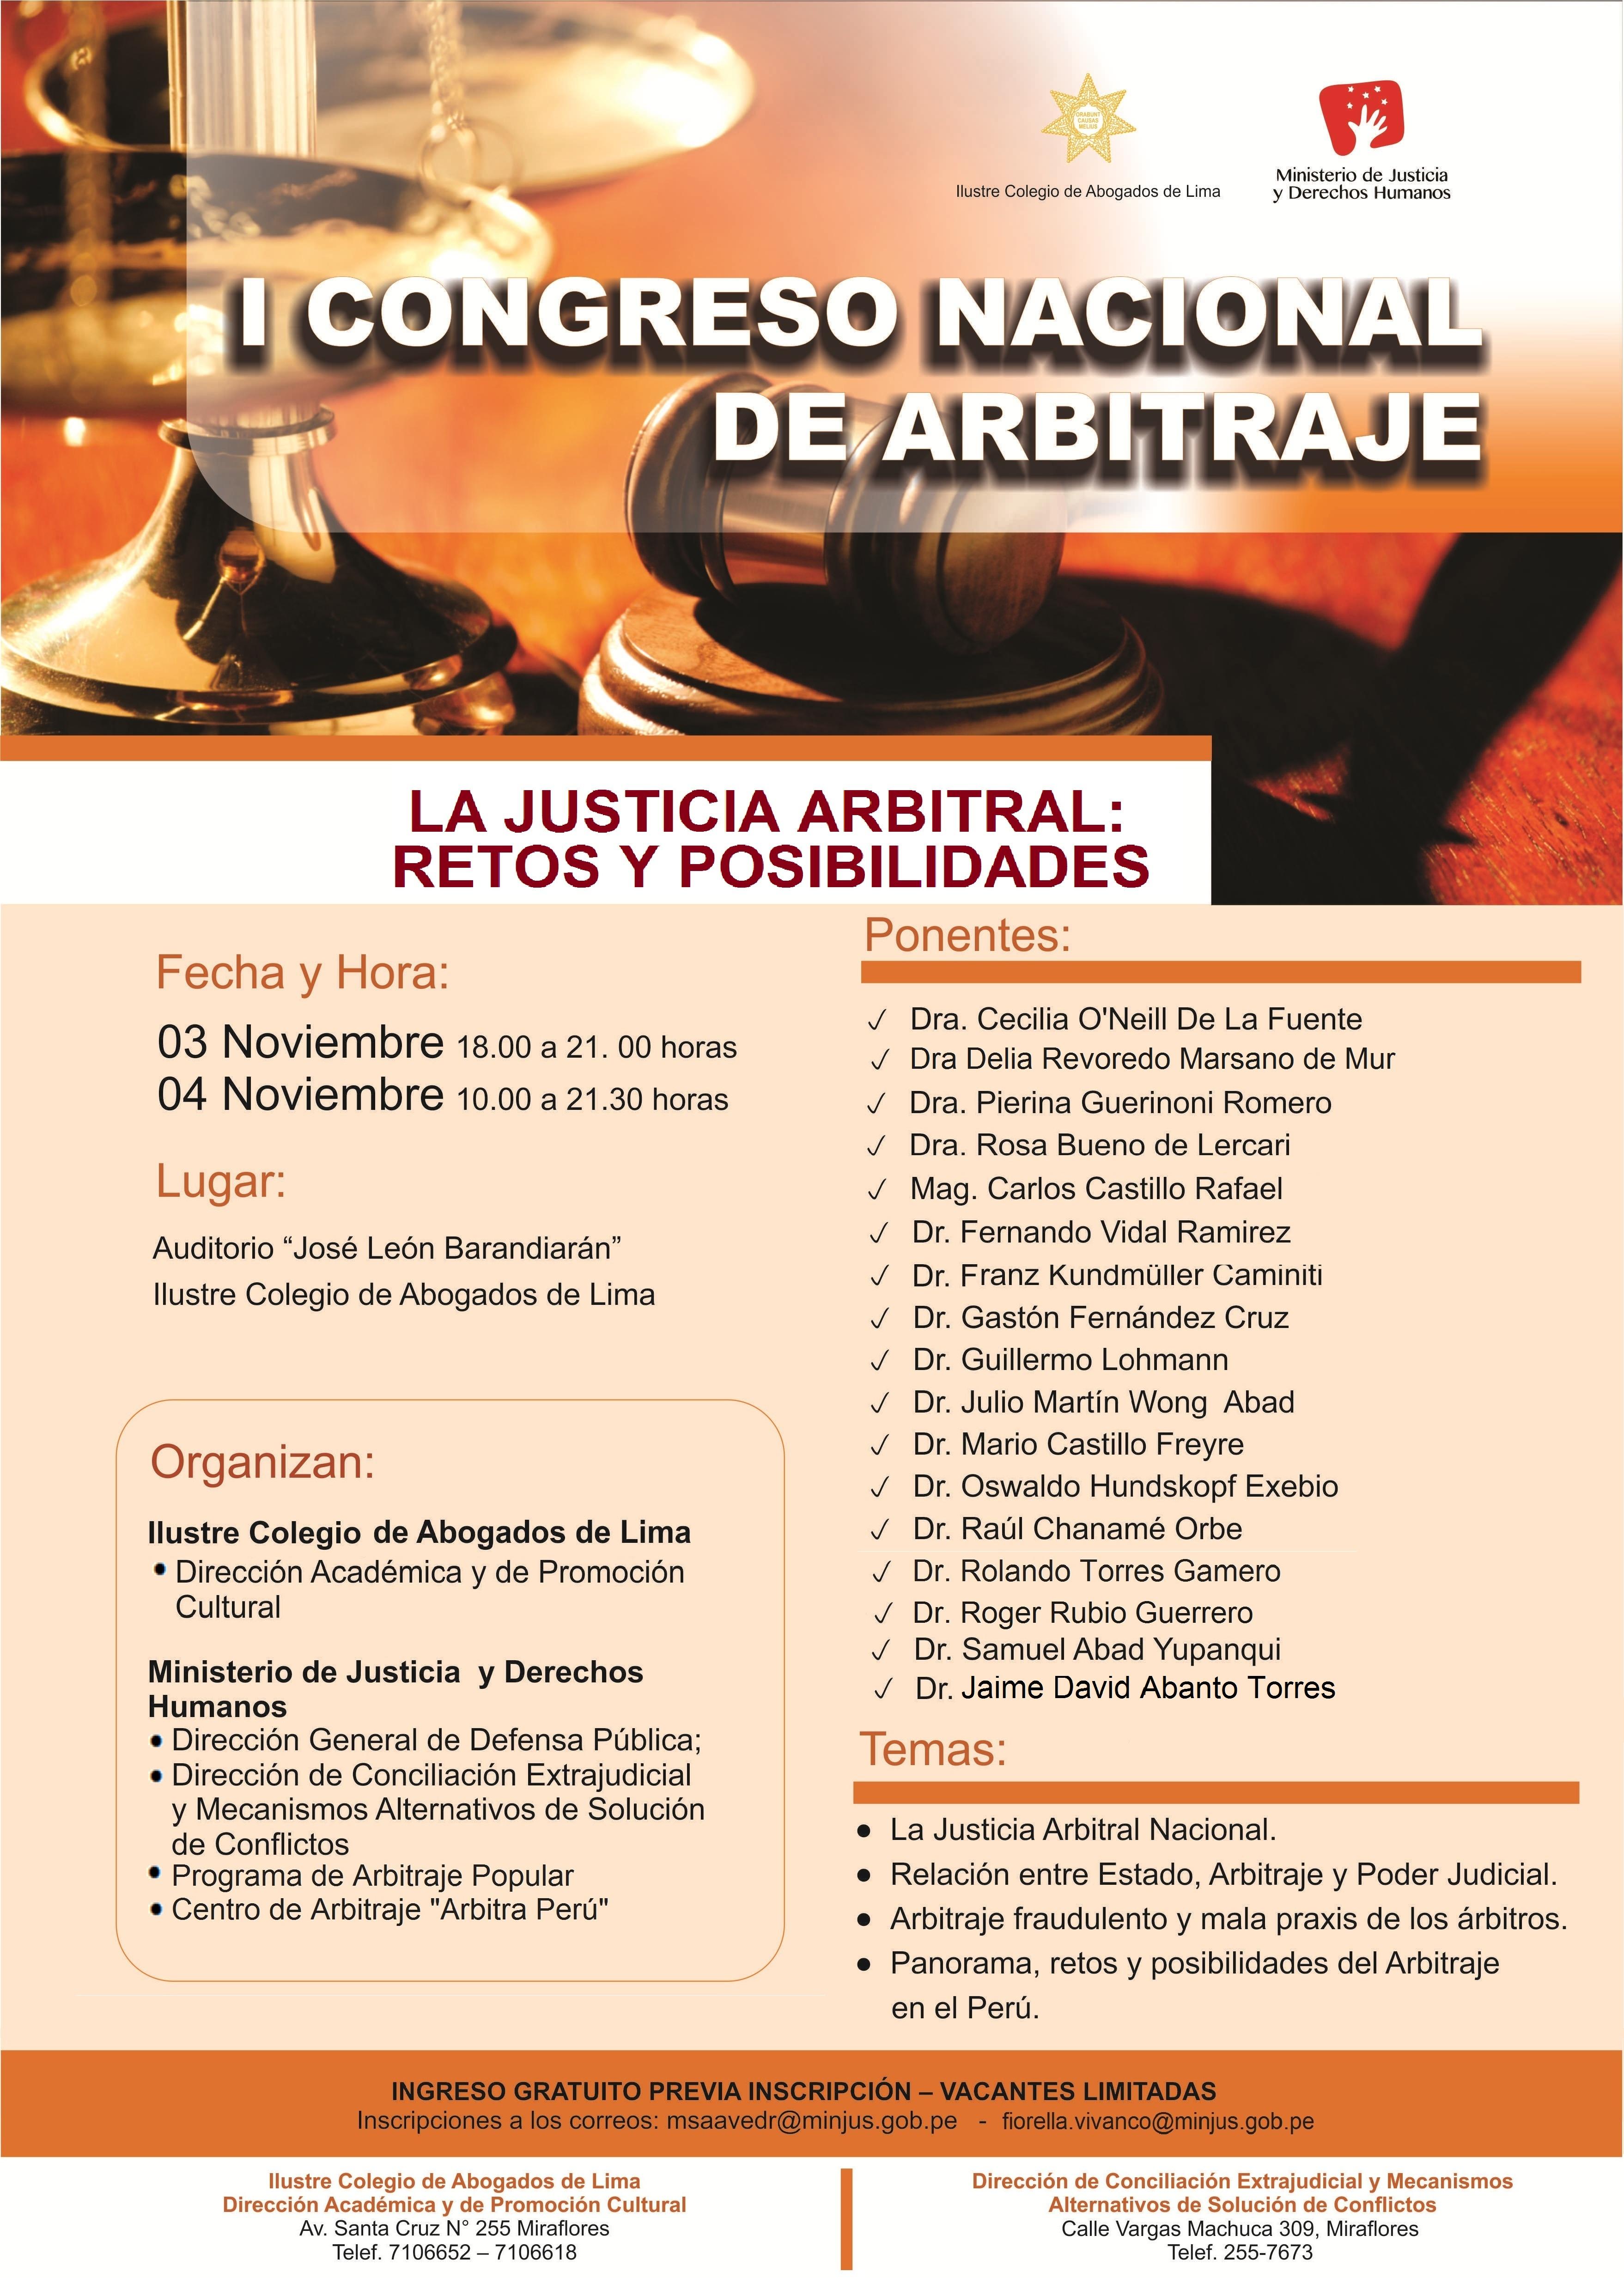 20141022-afiche_oficial_del_congreso_de_arbitraje.jpg